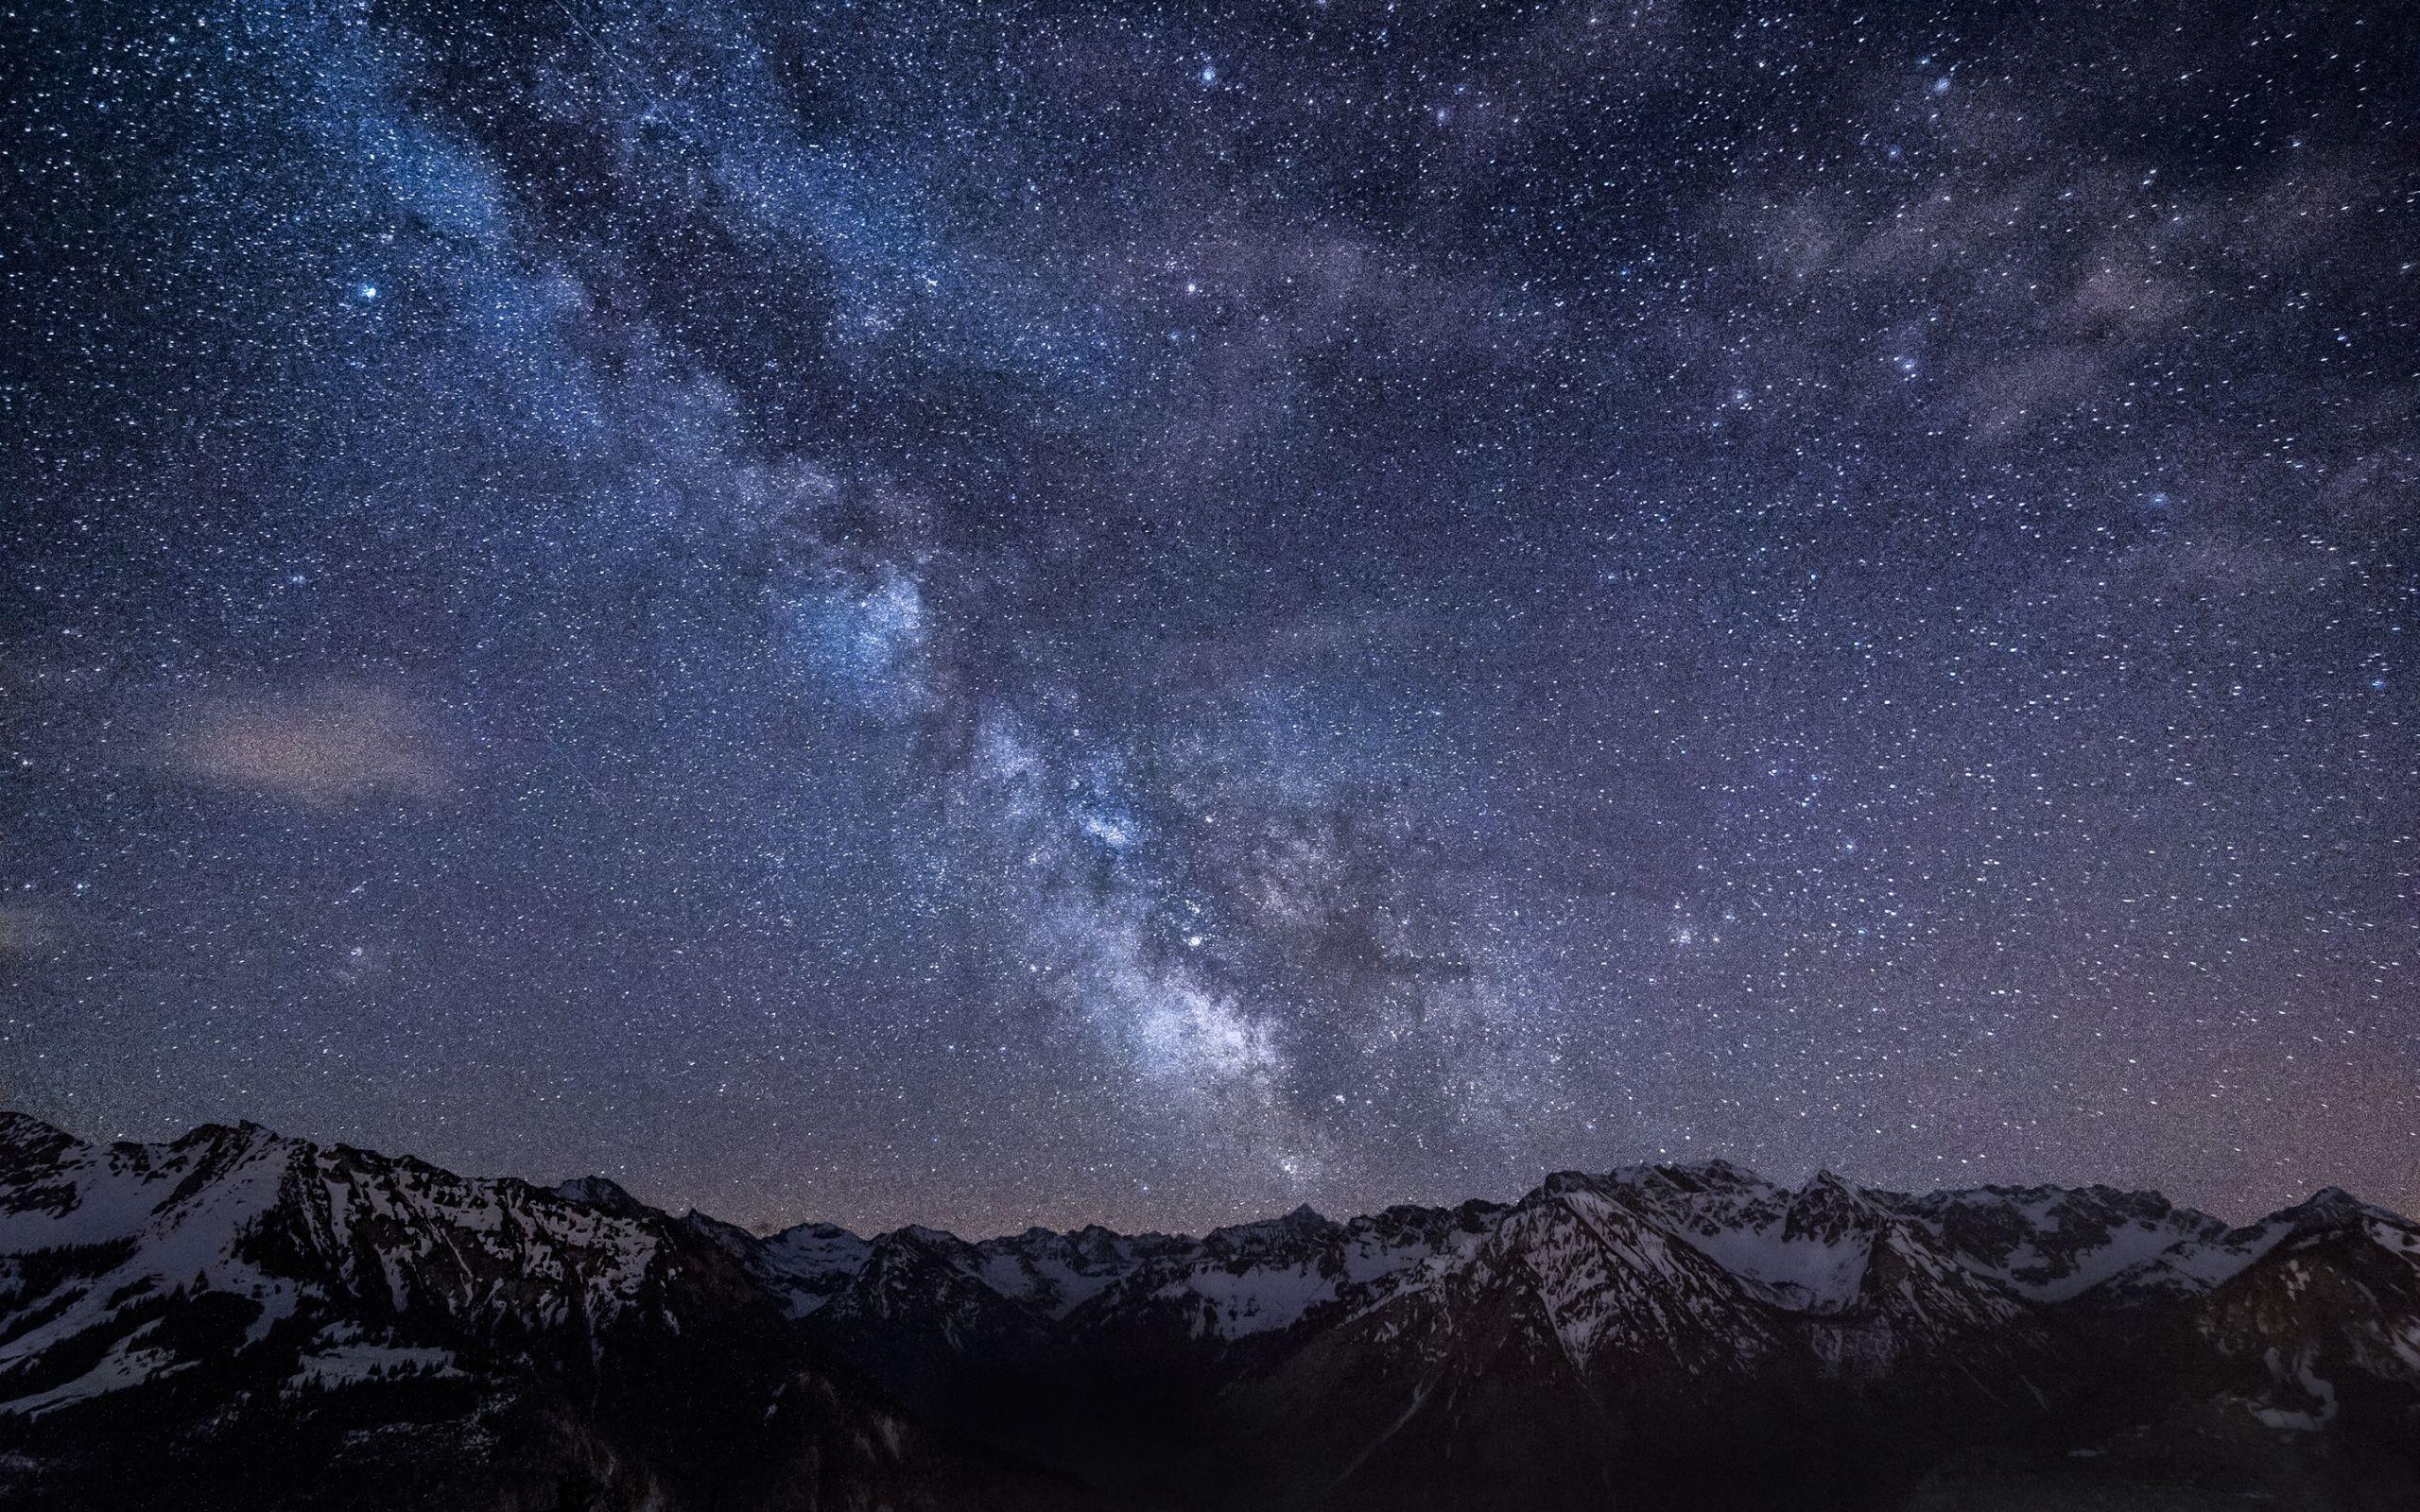 Mountains Night Wallpaper 1080p H84 Pemandangan Galaxy